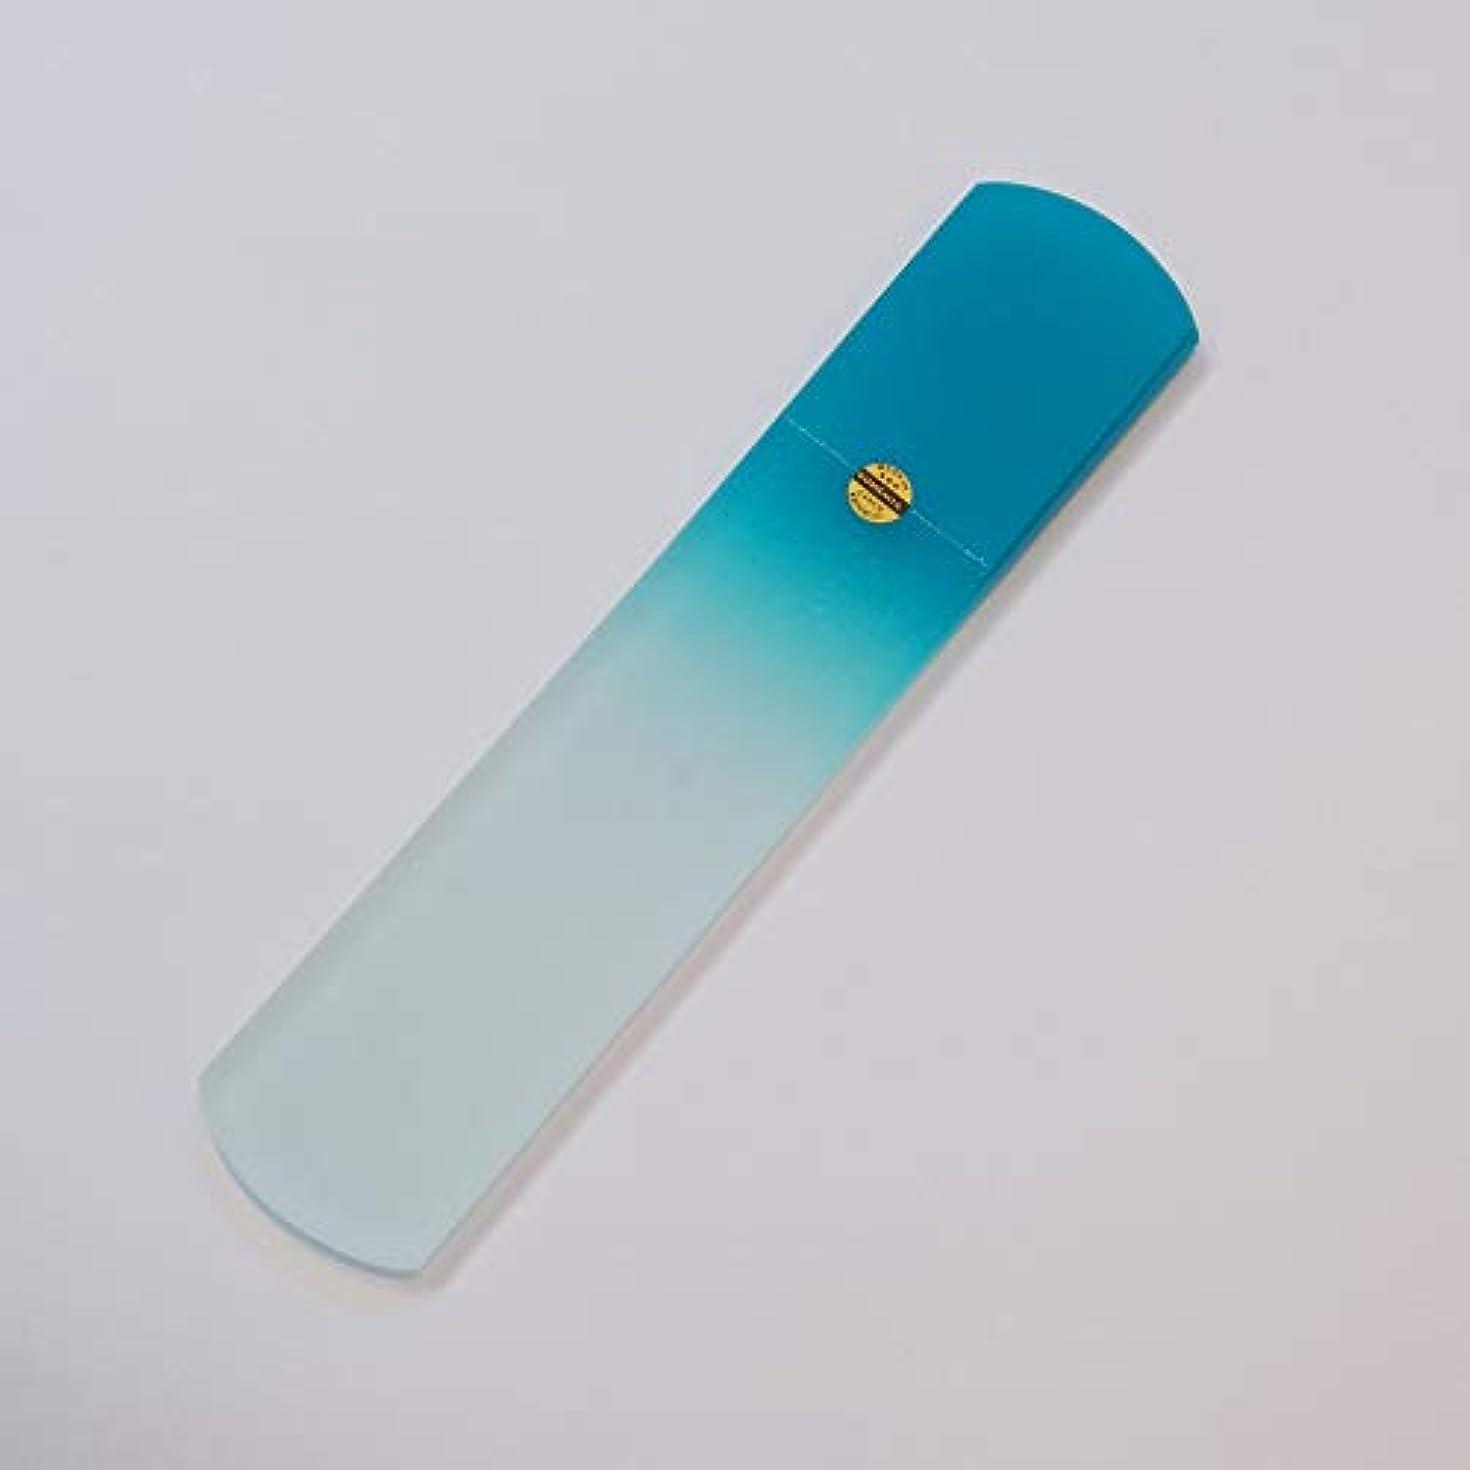 翻訳ところで防衛【チェコ製】 ガラスのフットケアファイル かかと やすり 粗/細 両面タイプ パステルブルー